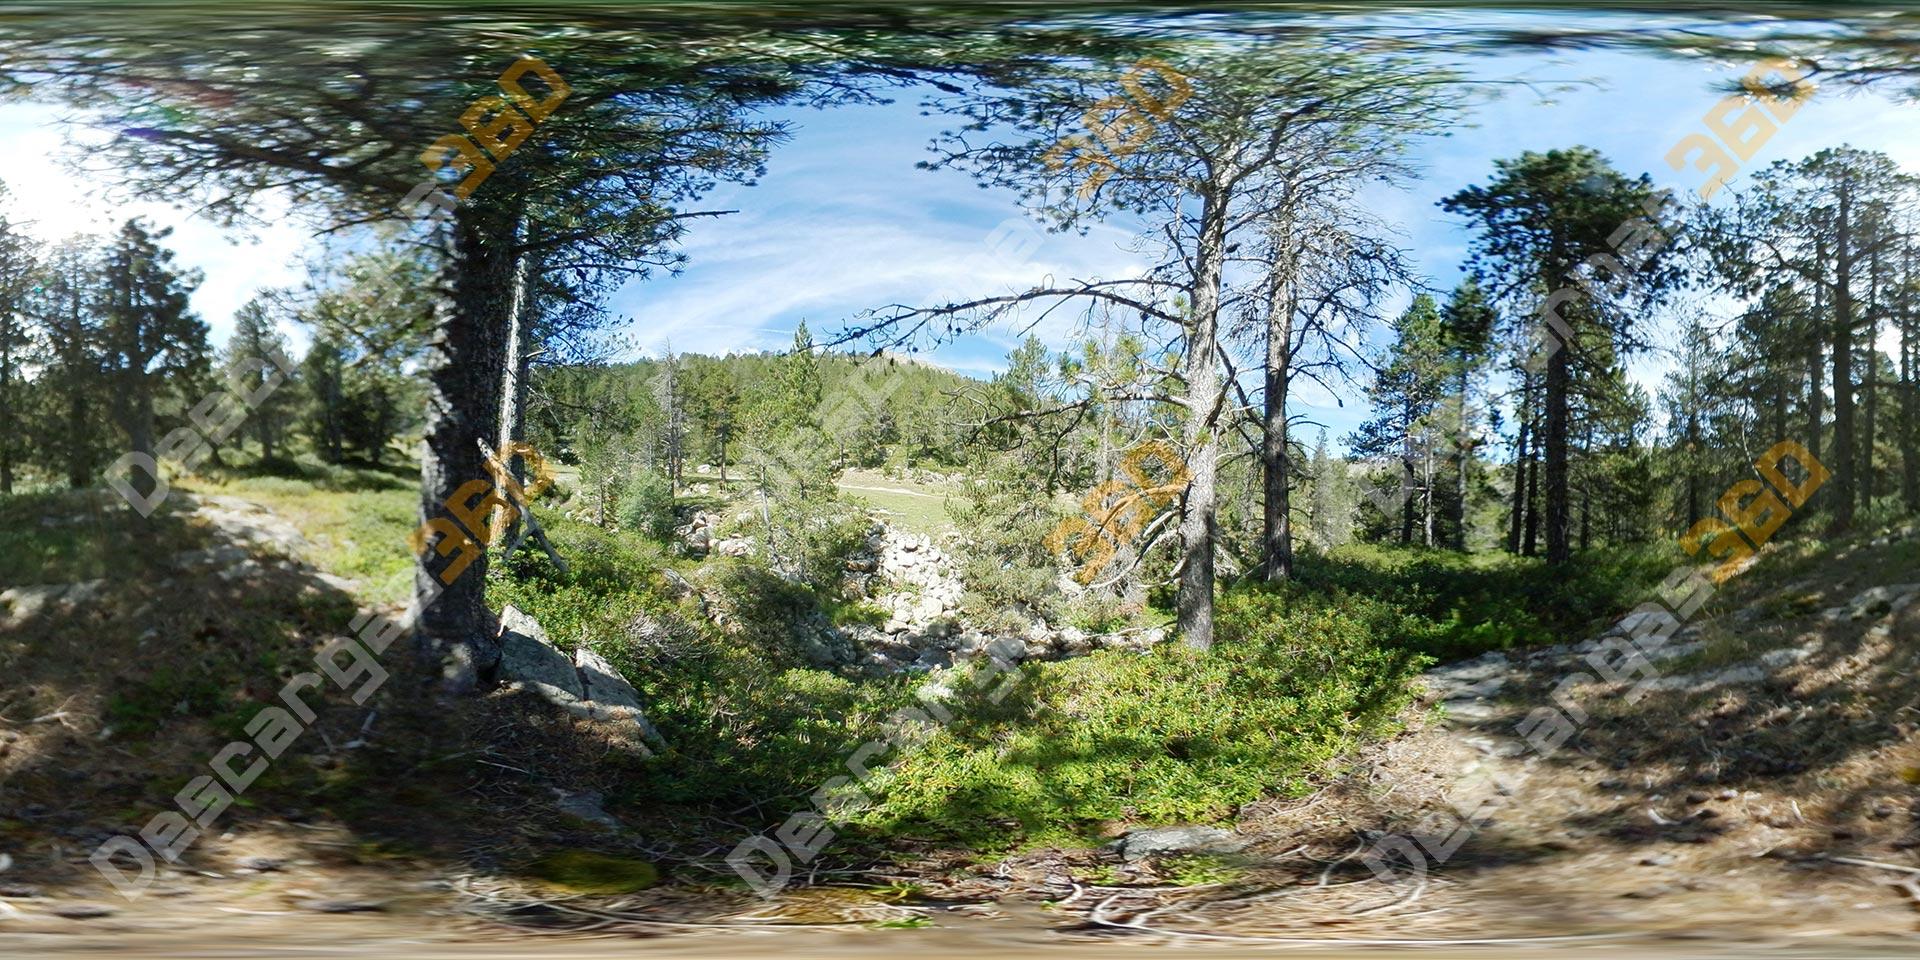 Camino-de-bosque-con-raíces-360-Naturaleza---Descargas360